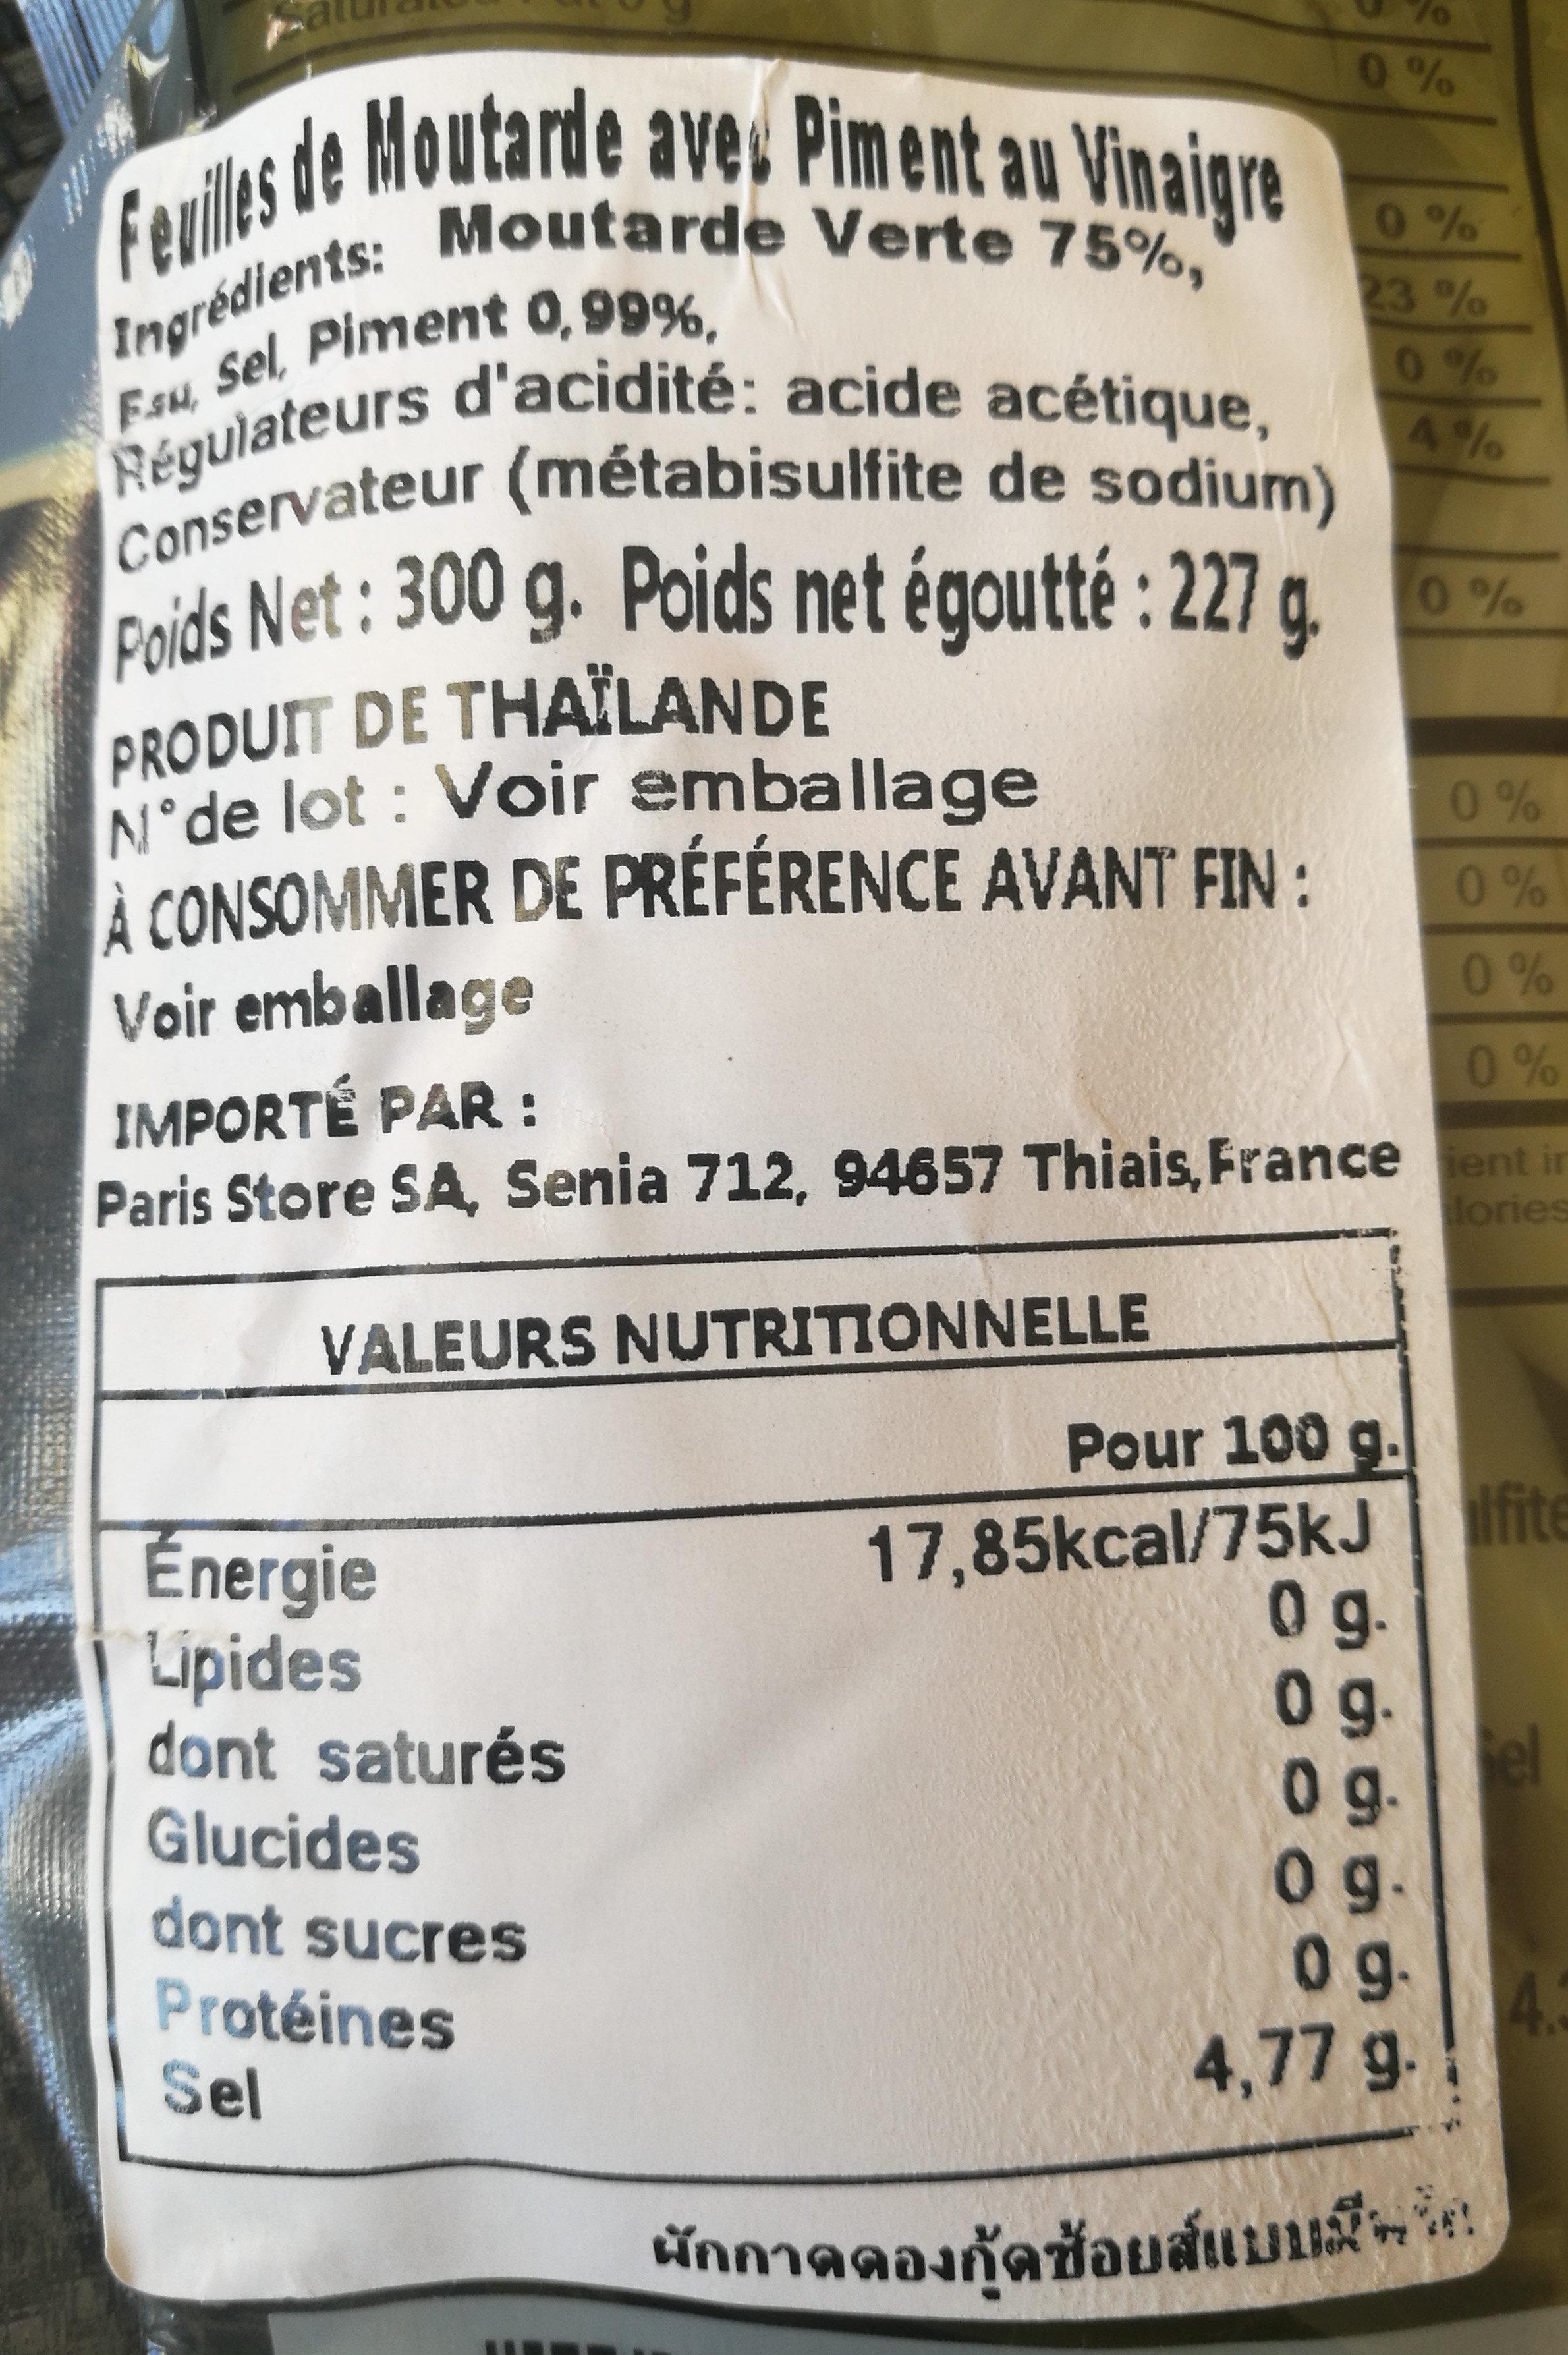 Pousses de moutarde au vinaigre - Ingrédients - fr